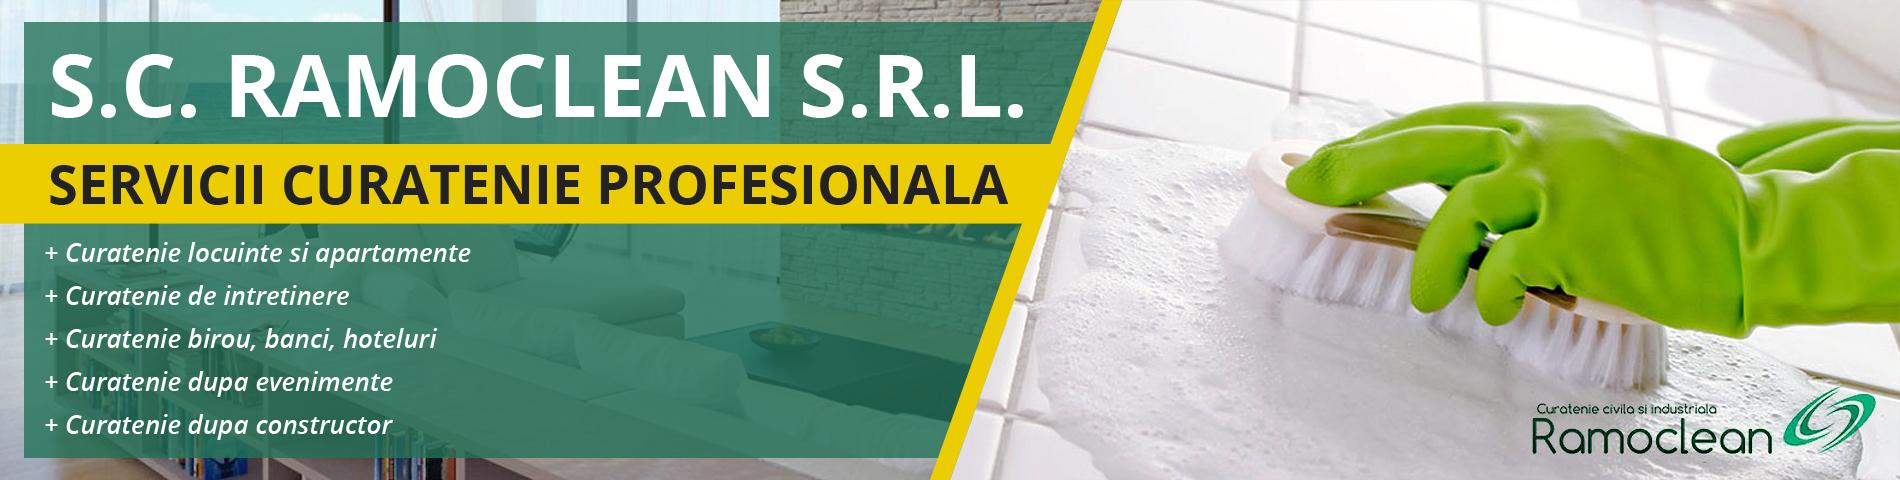 S.C. RAMOCLEAN S.R.L. - Servicii Curatenie Brasov - Ghimbav